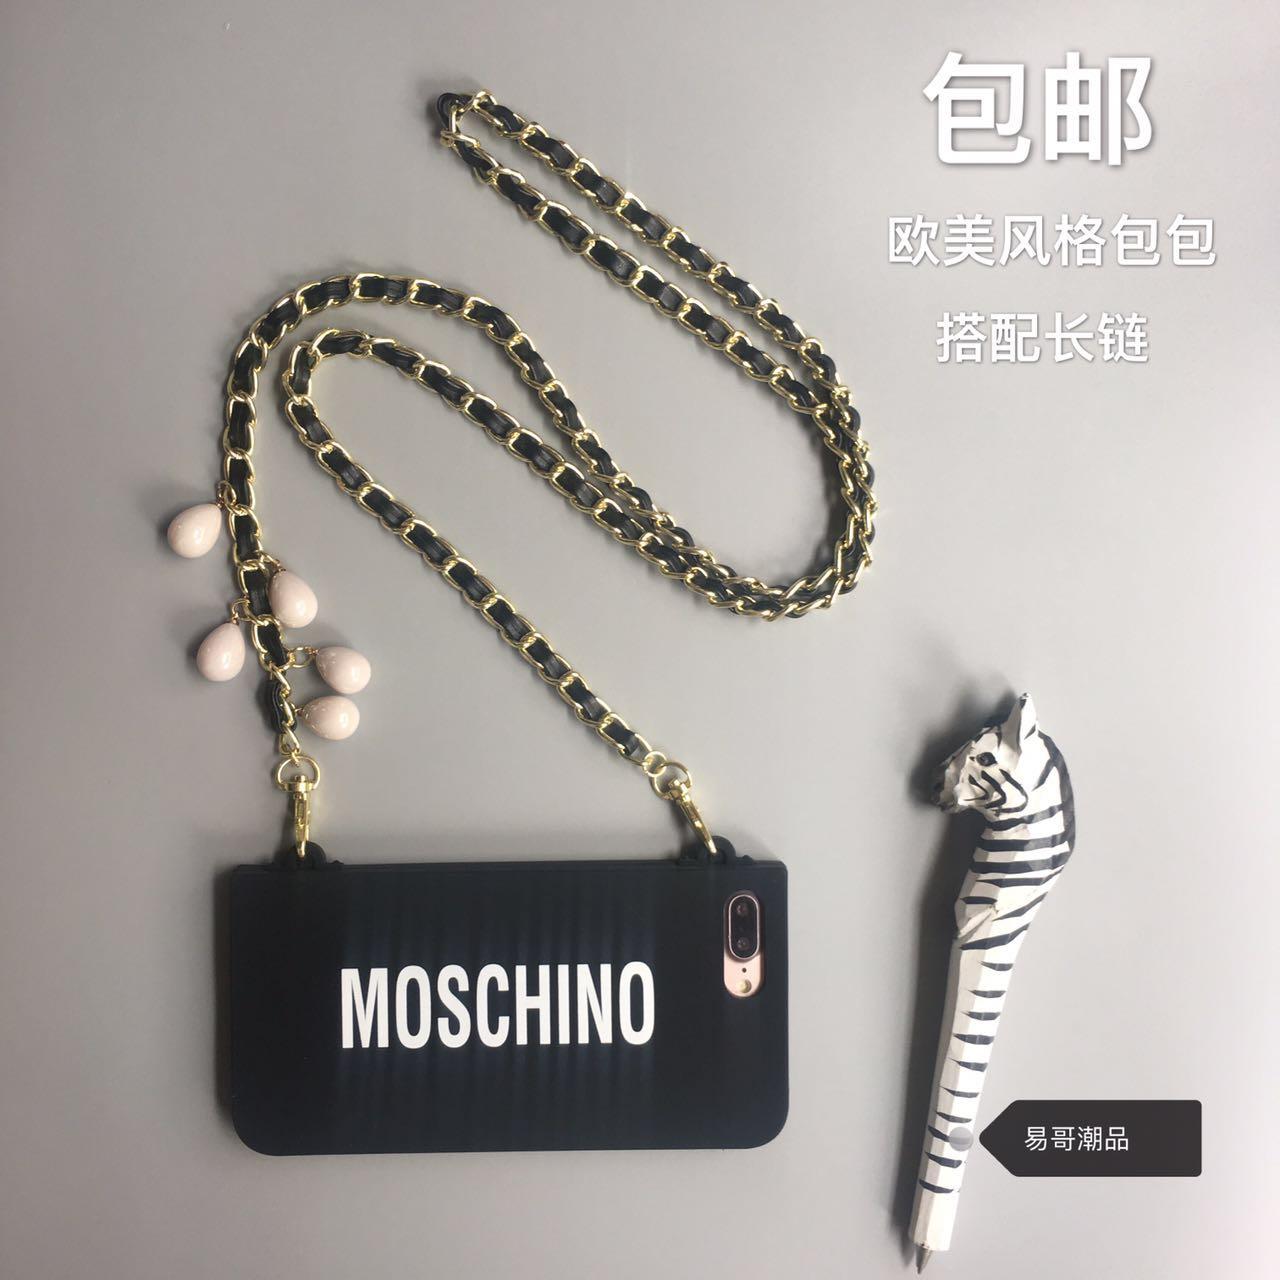 欧美苹果7plus 斜背链条米兰时尚包包 iphone6s plus包边硅胶软套